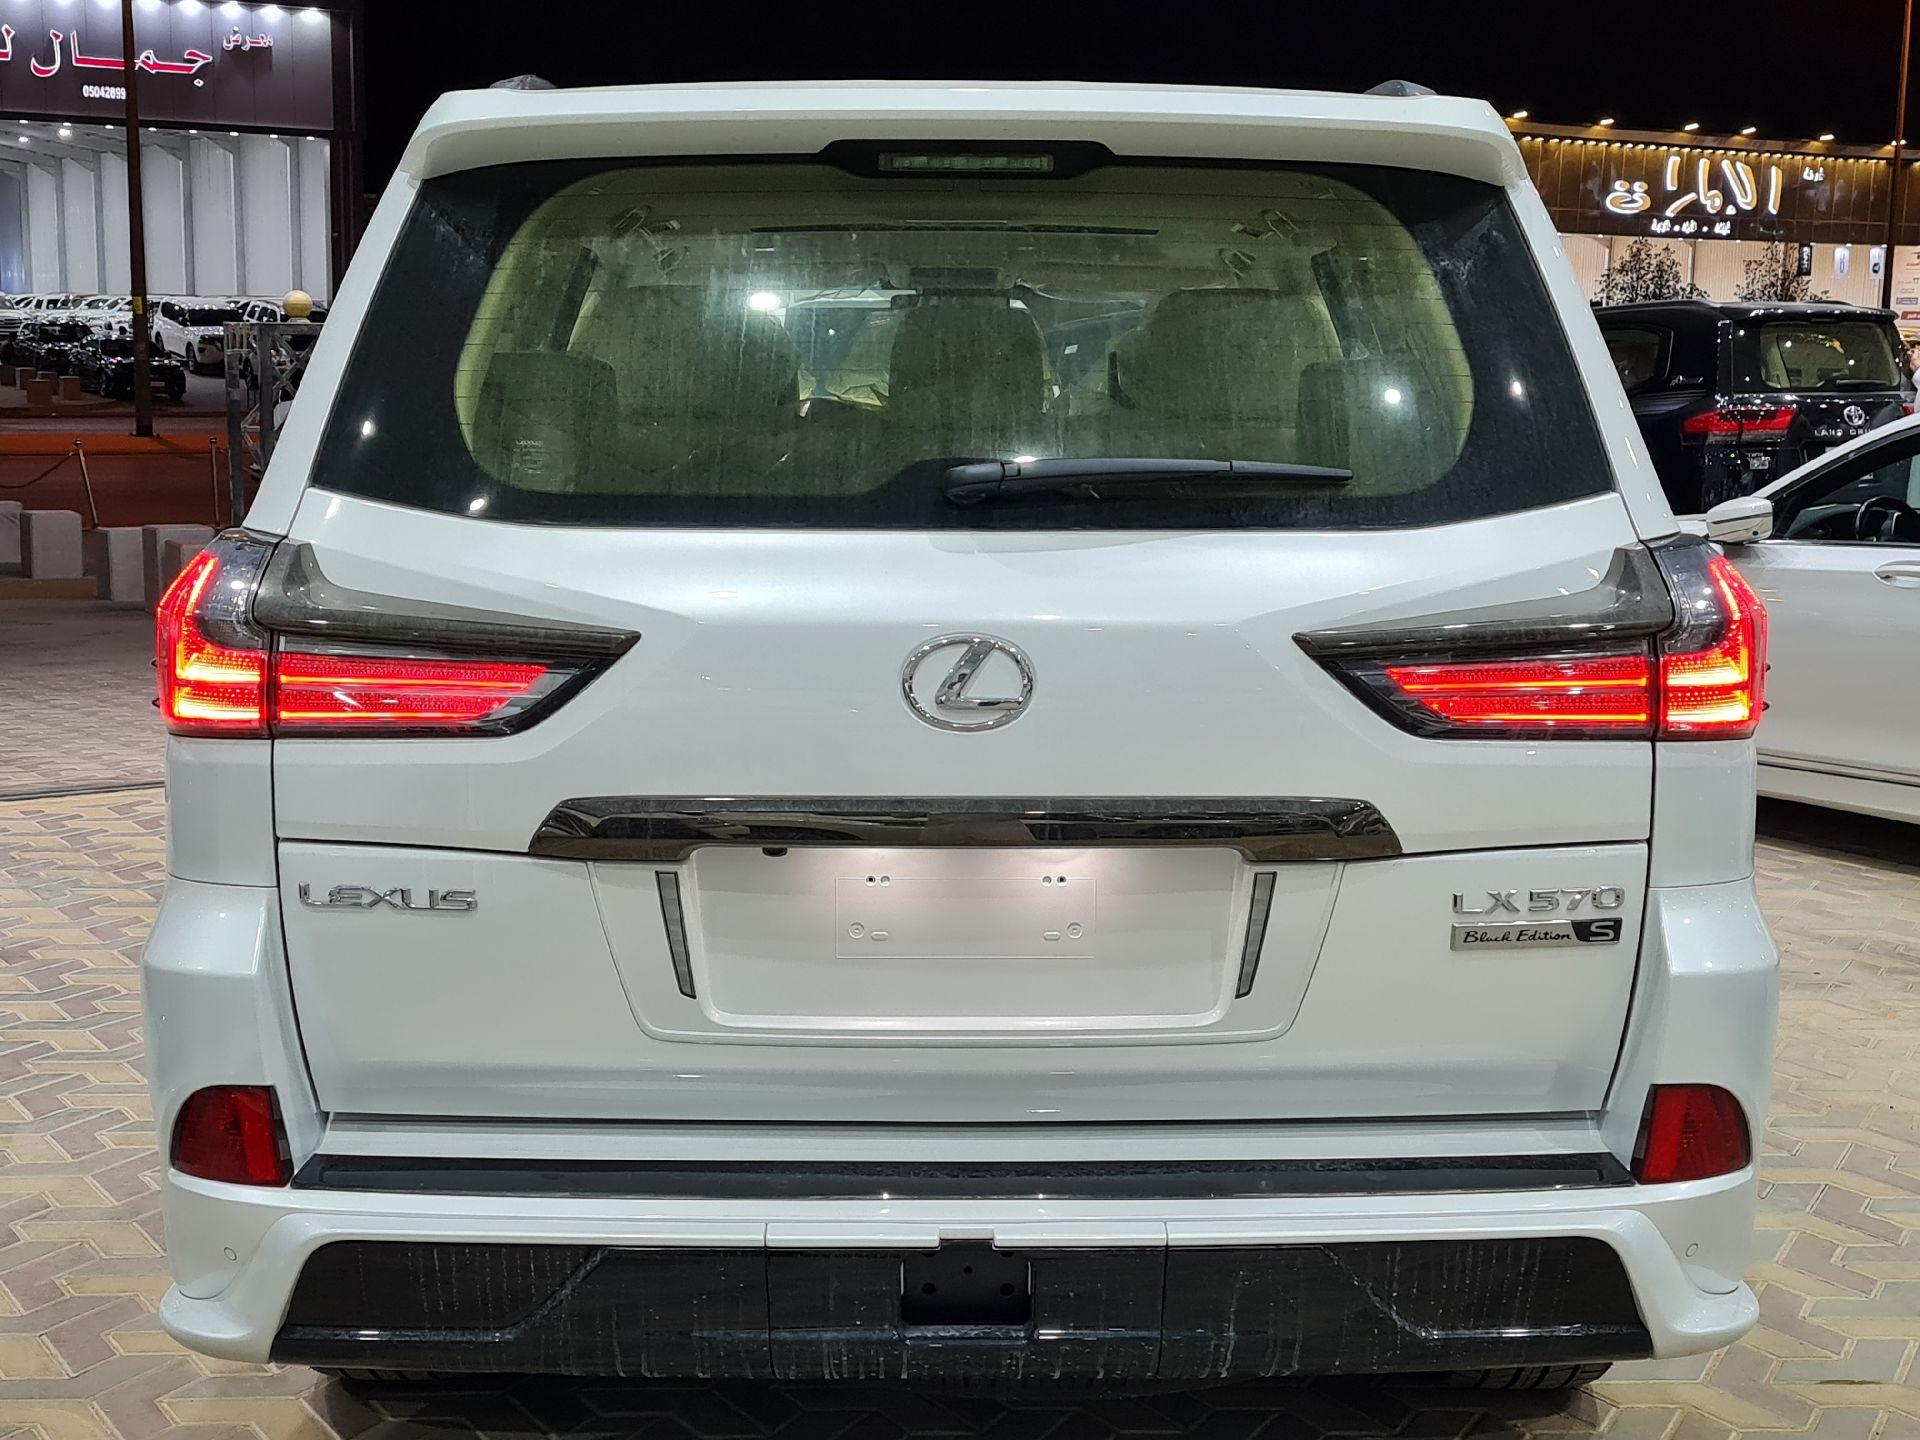 لكزس LX 570 Black Ed. 2021 فل خليجي للبيع في الرياض - السعودية - صورة كبيرة - 5